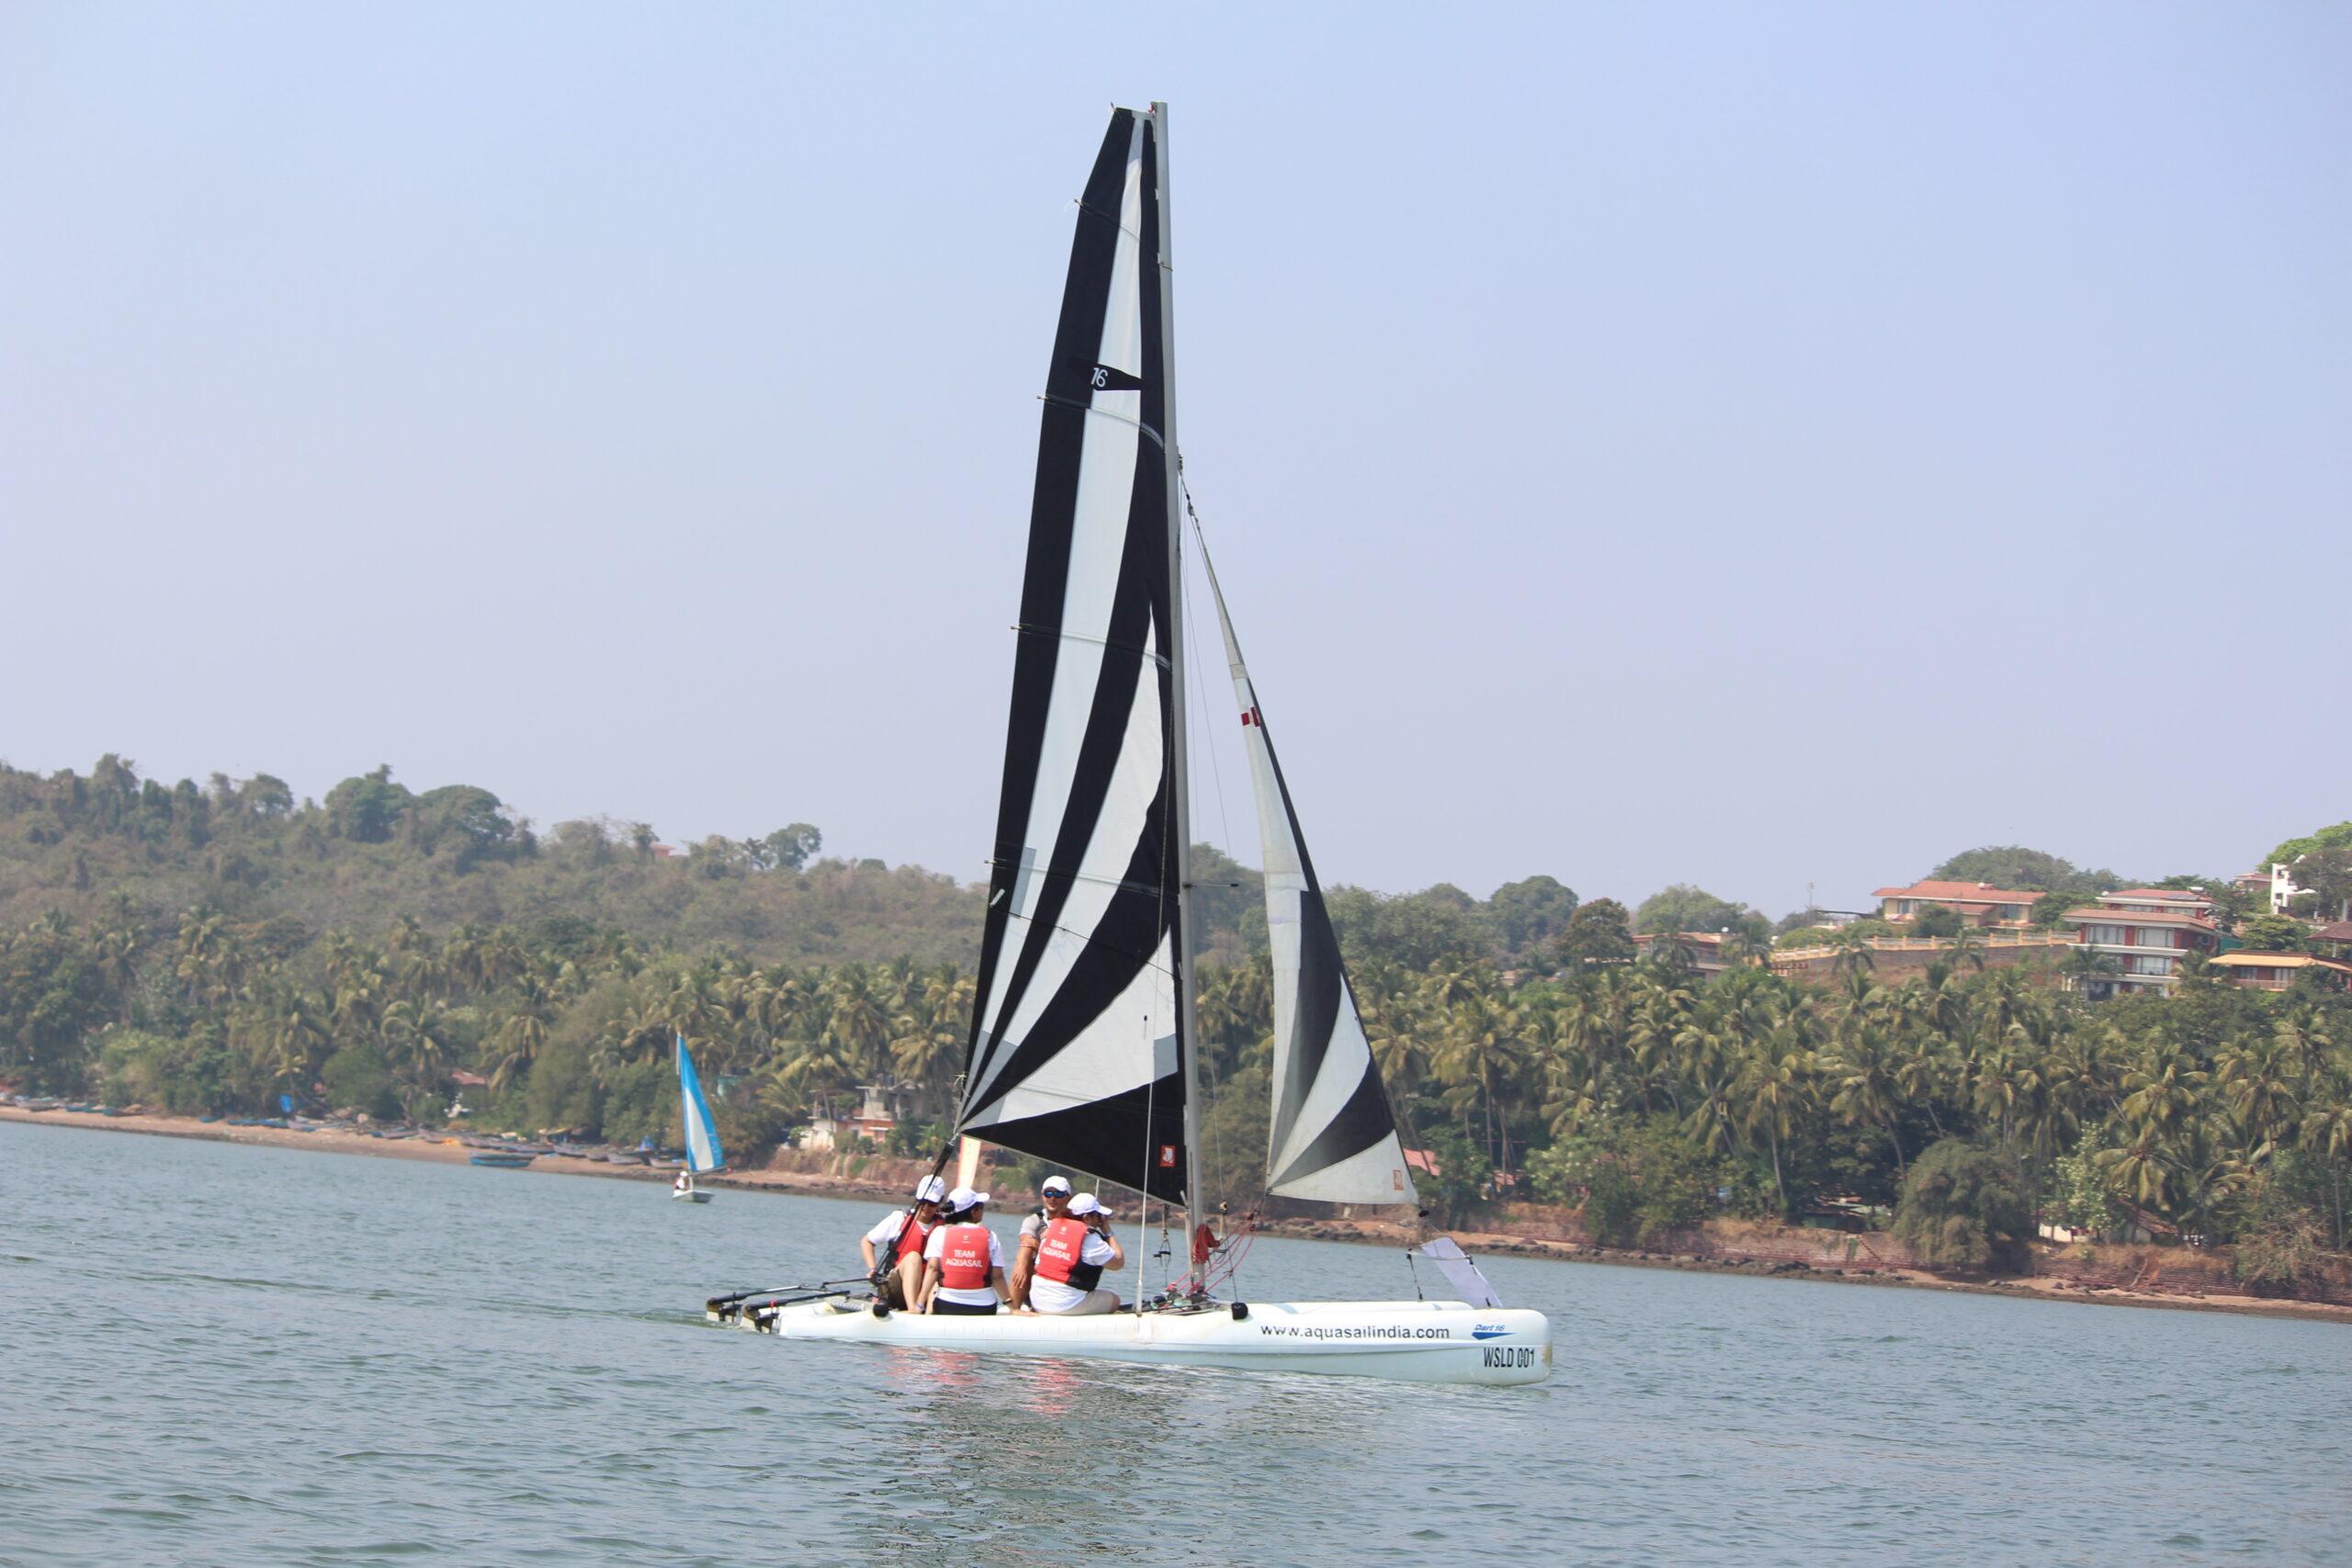 Hobie dart Goa sailing